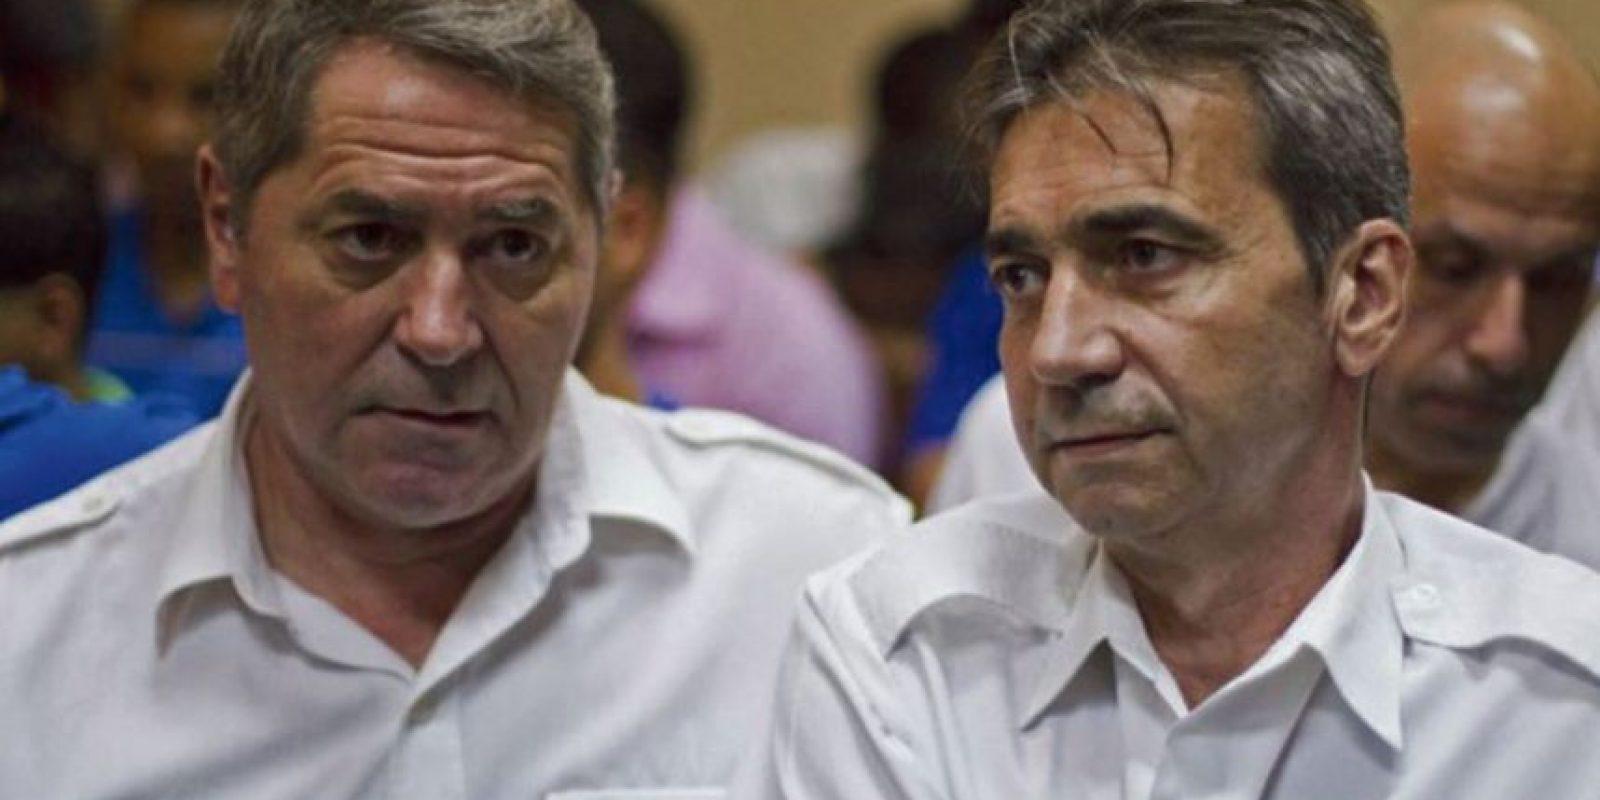 Los pilotos franceses que luego de ser condenados a 20 años de cárcel se fugaron Foto:Fuente Externa